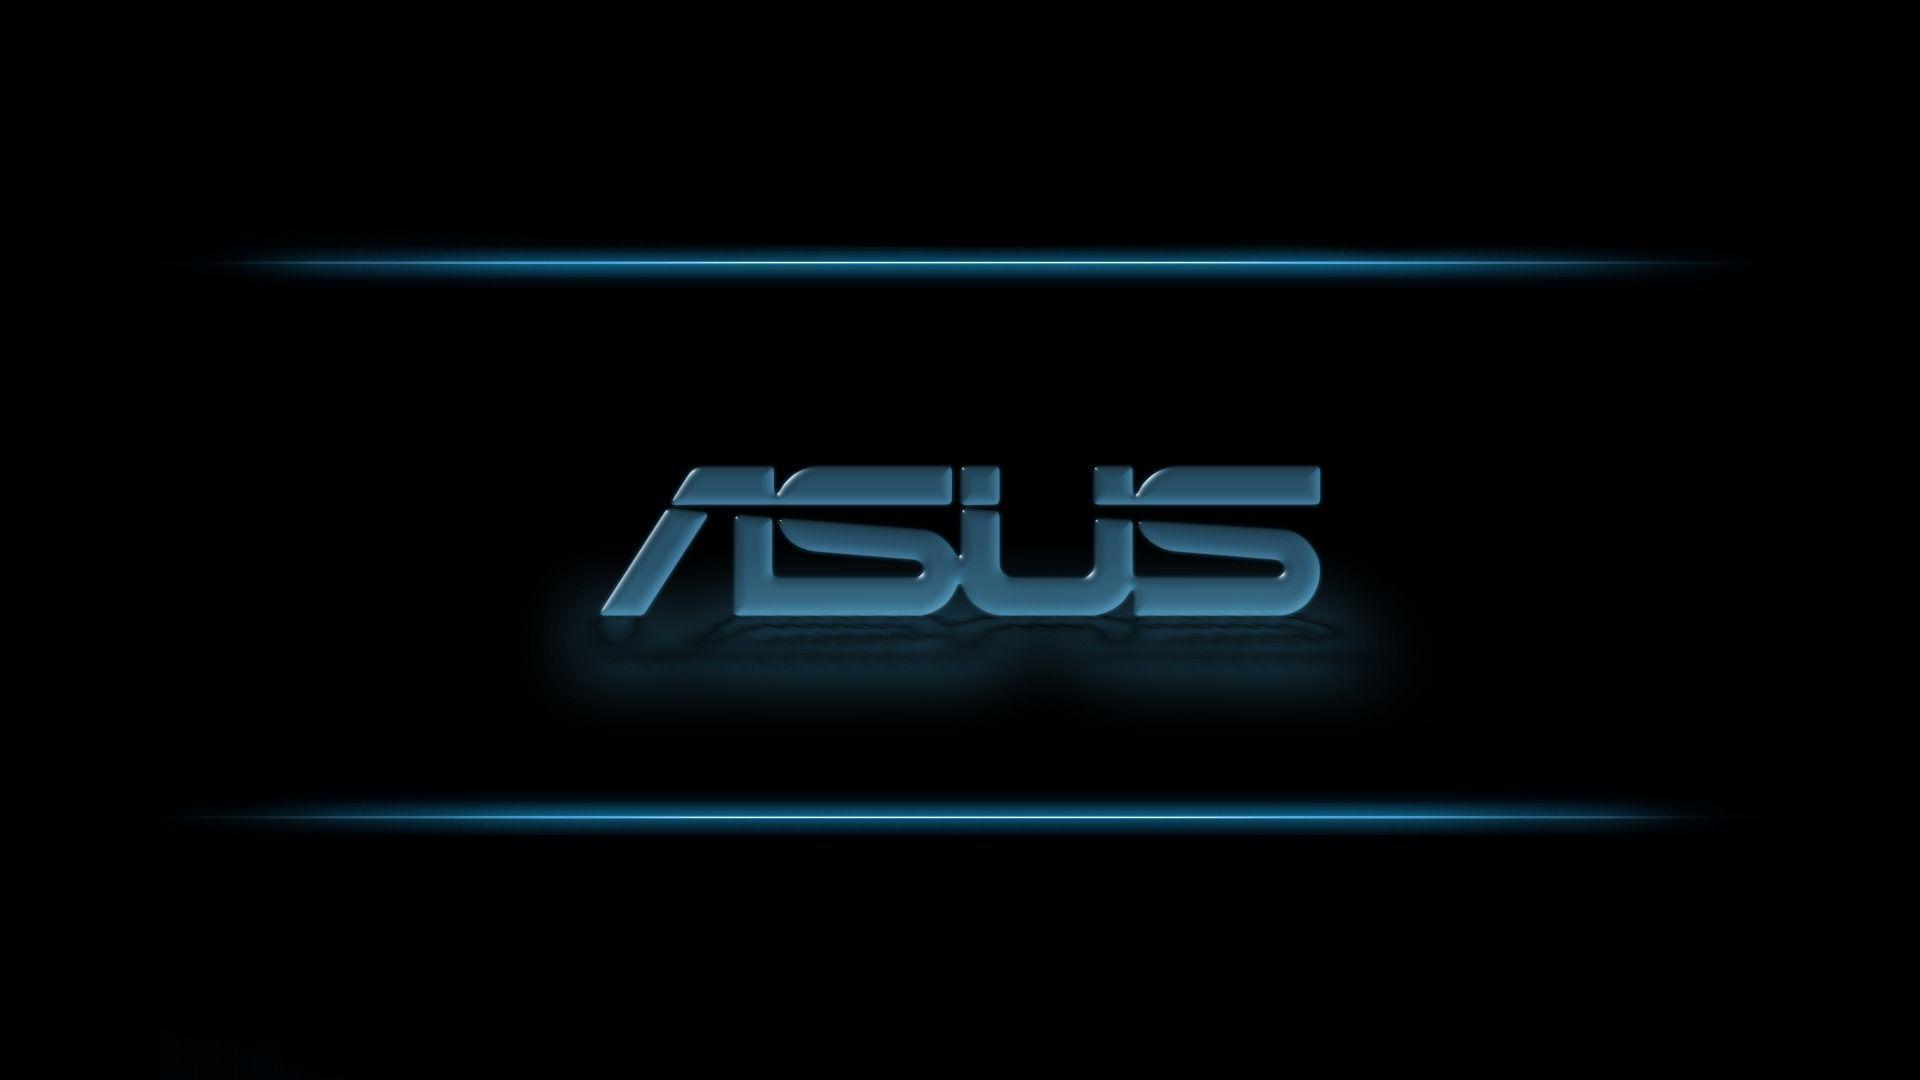 Hd Wallpaper For Asus Zenfone 2: Asus Desktop Wallpapers